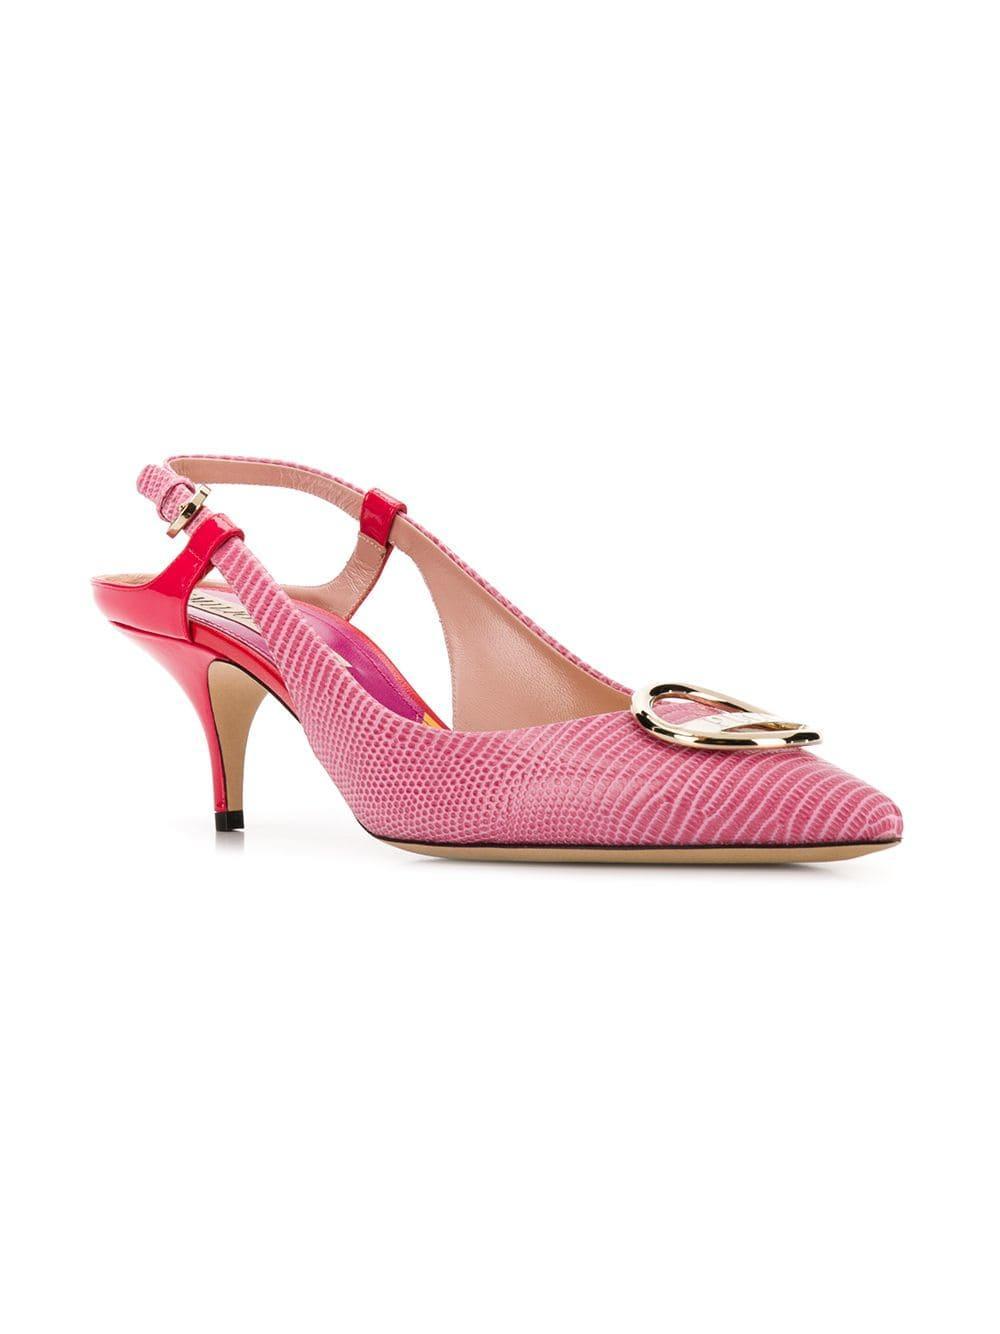 e9d12b1a267 Lyst - Emilio Pucci Pink Lizard Effect Slingback Pumps in Pink